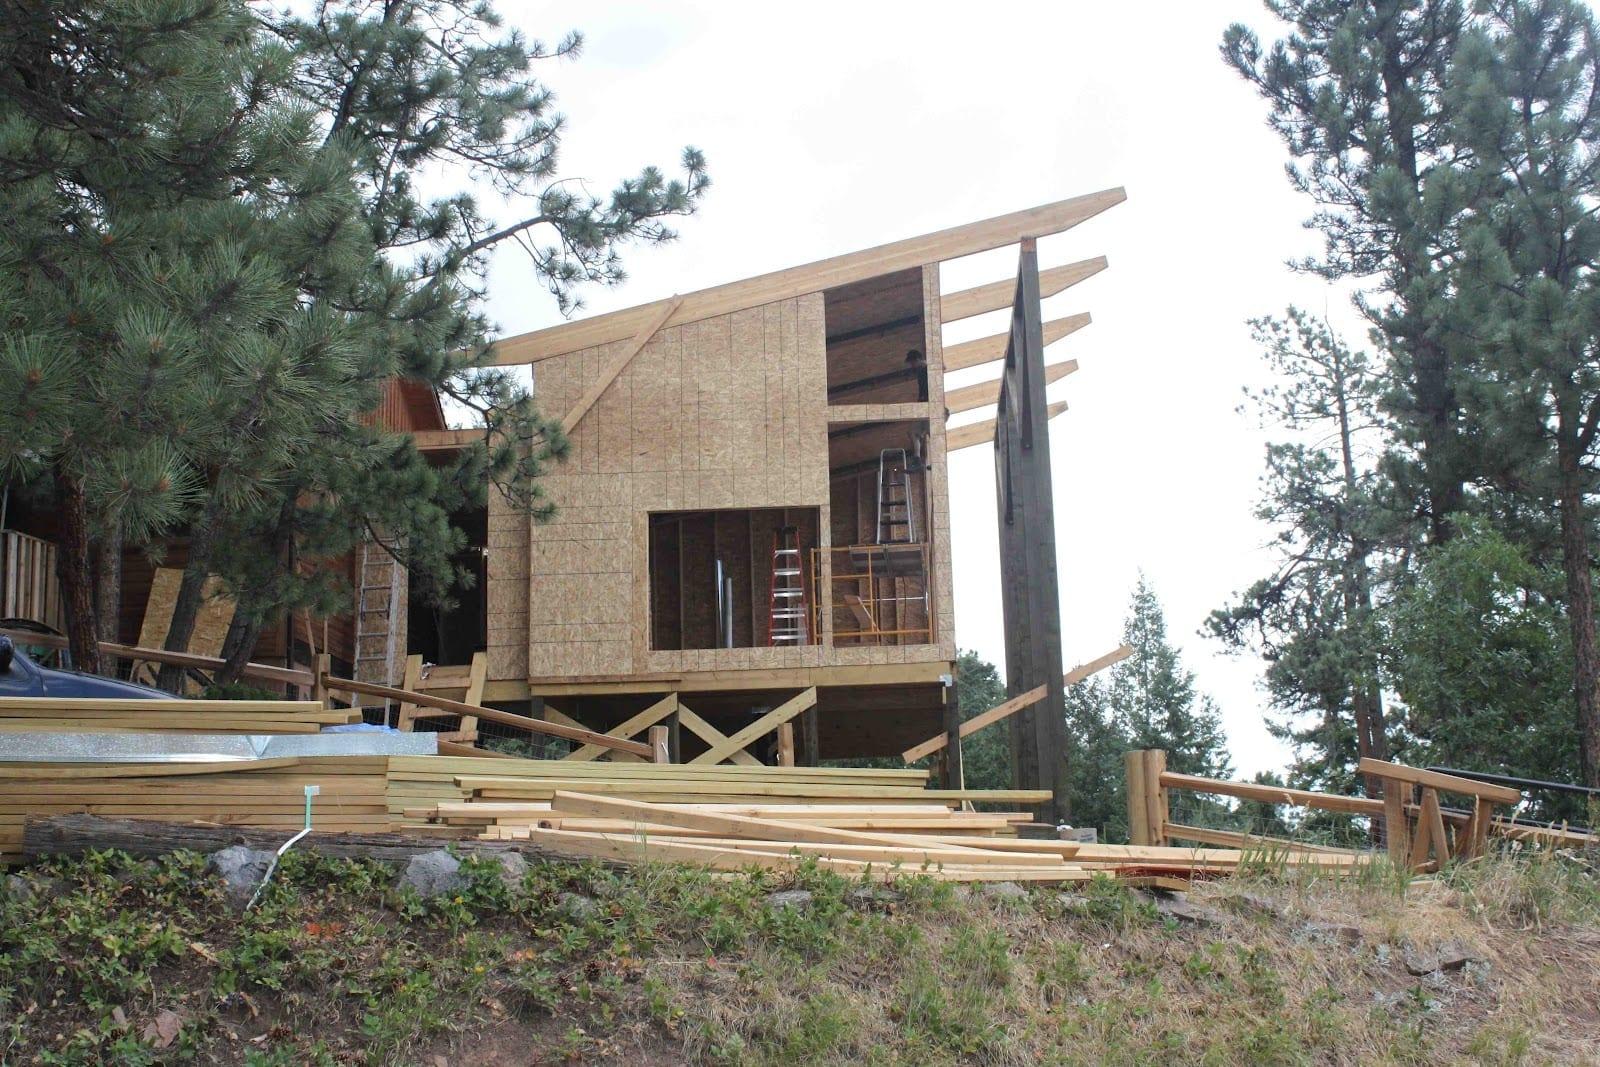 23416-Navajo-In-Construction-12